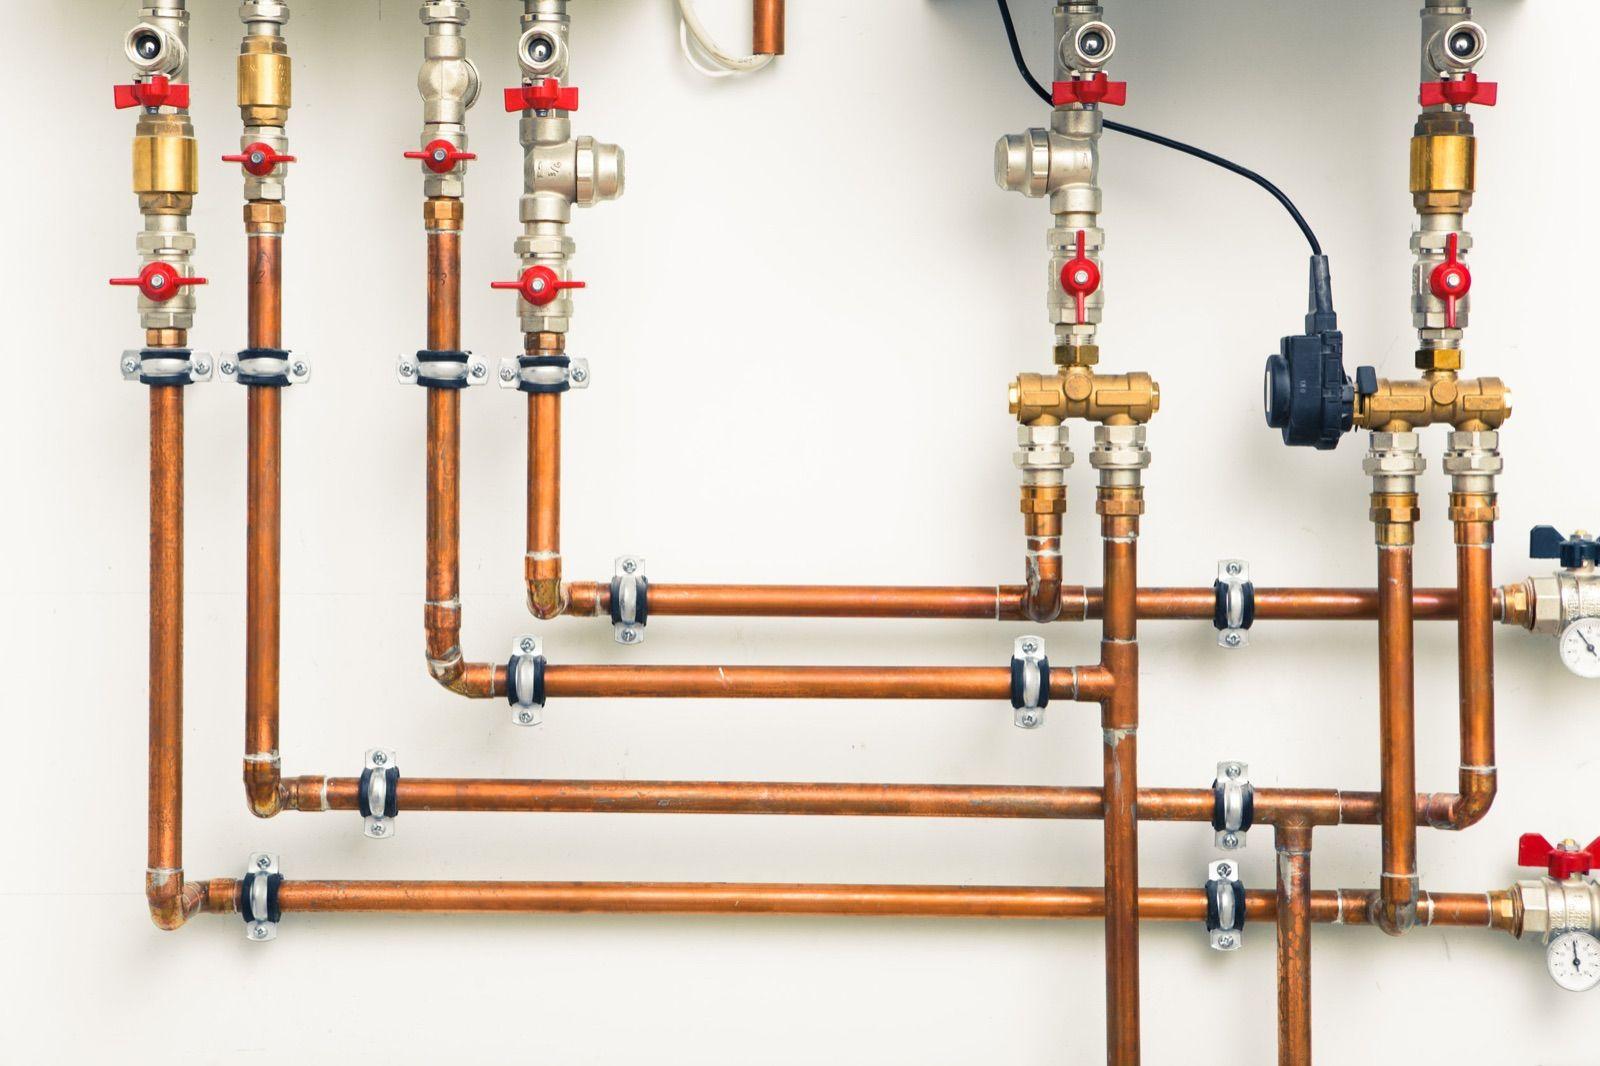 Vodovodné potrubie a vodomer